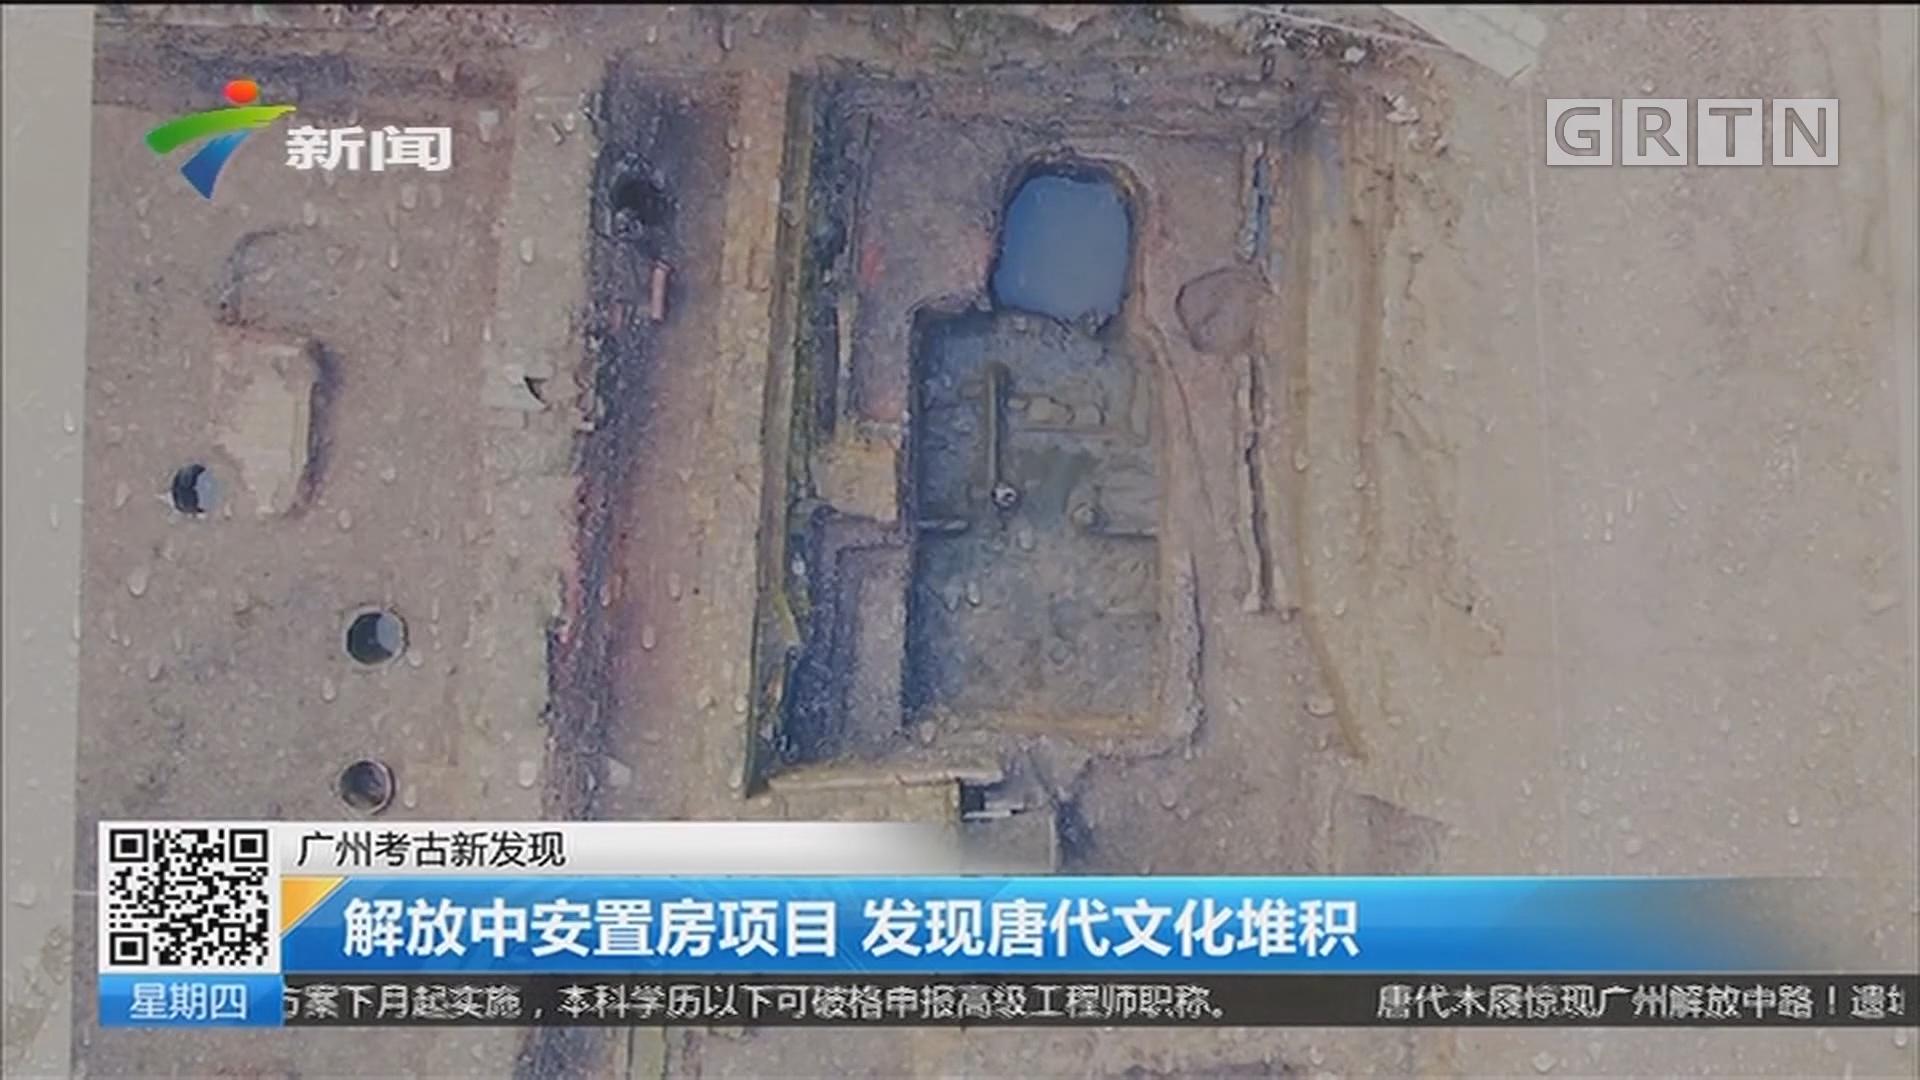 广州考古新发现:解放中安置房项目 发现唐代文化堆积